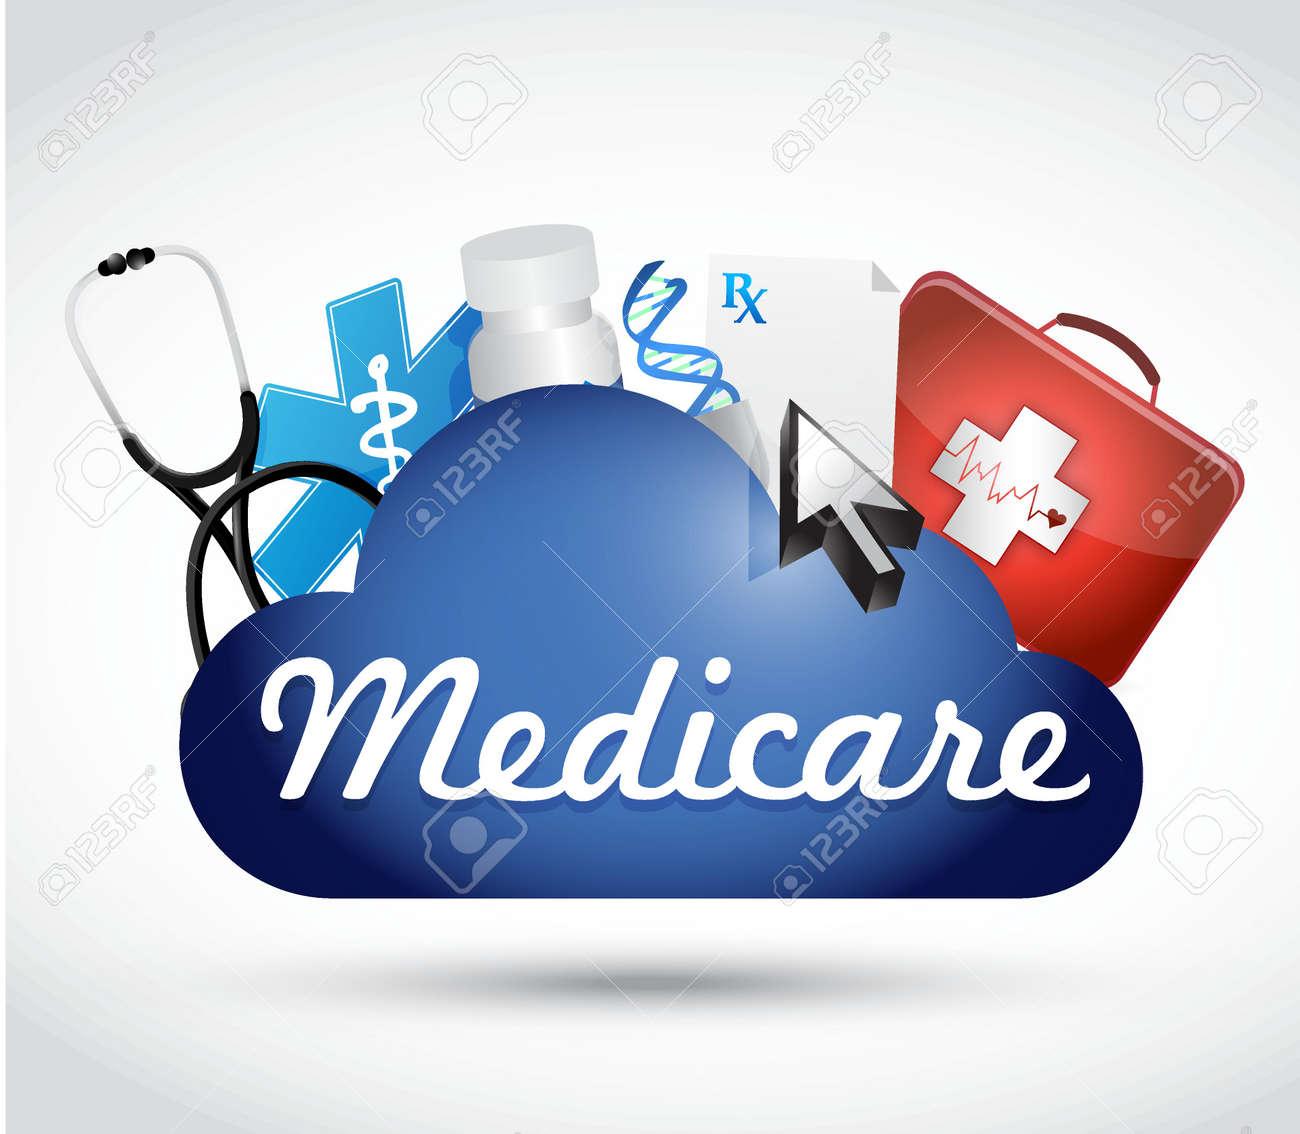 Medicare cloud technology sign concept illustration design over white - 42585067